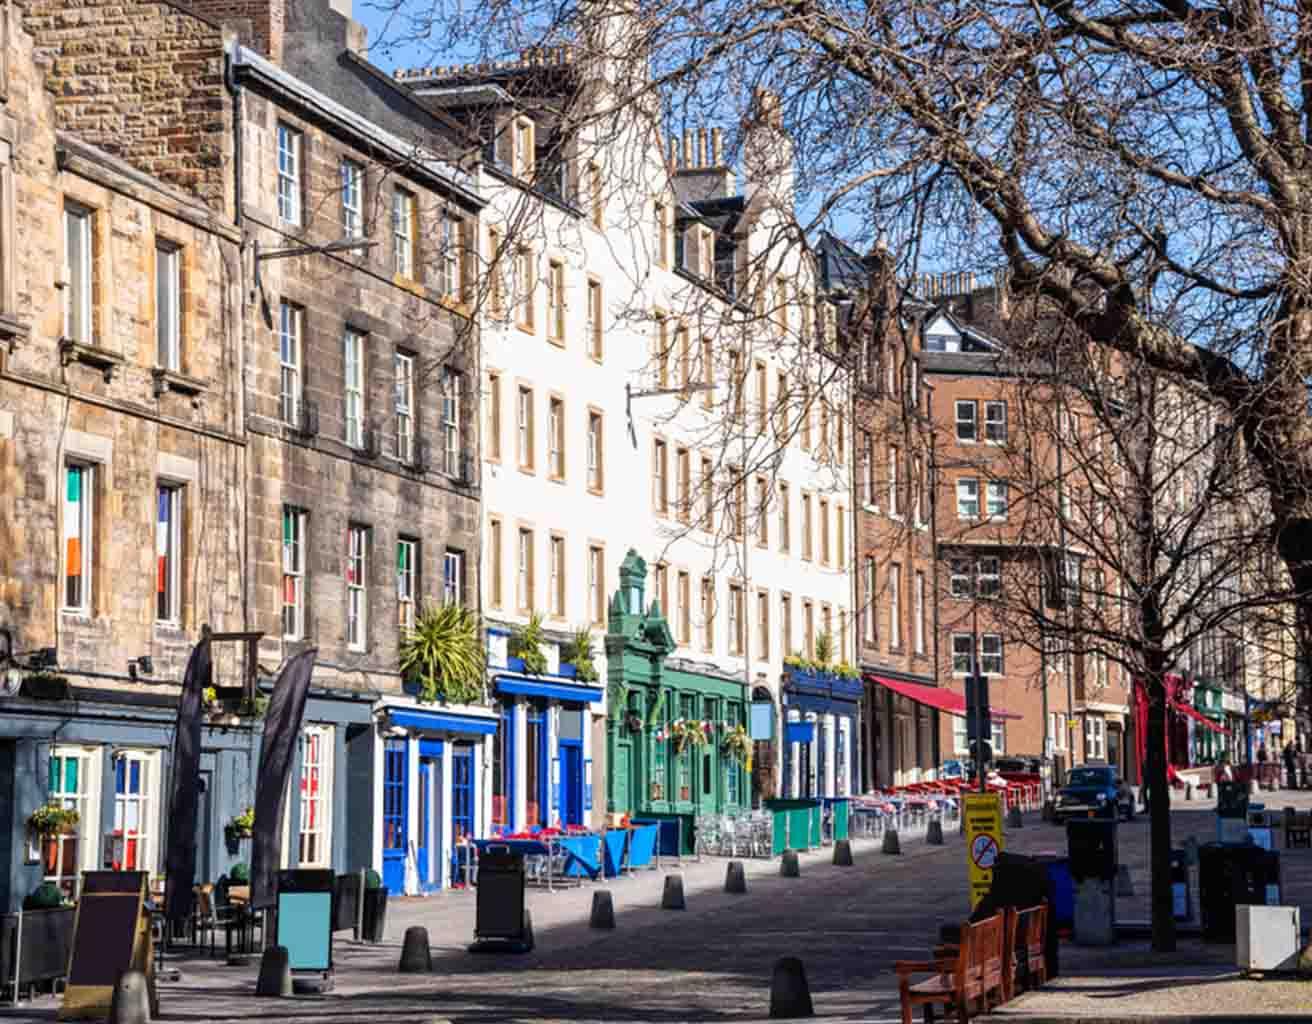 Edinburgh's Grassmarket in winter